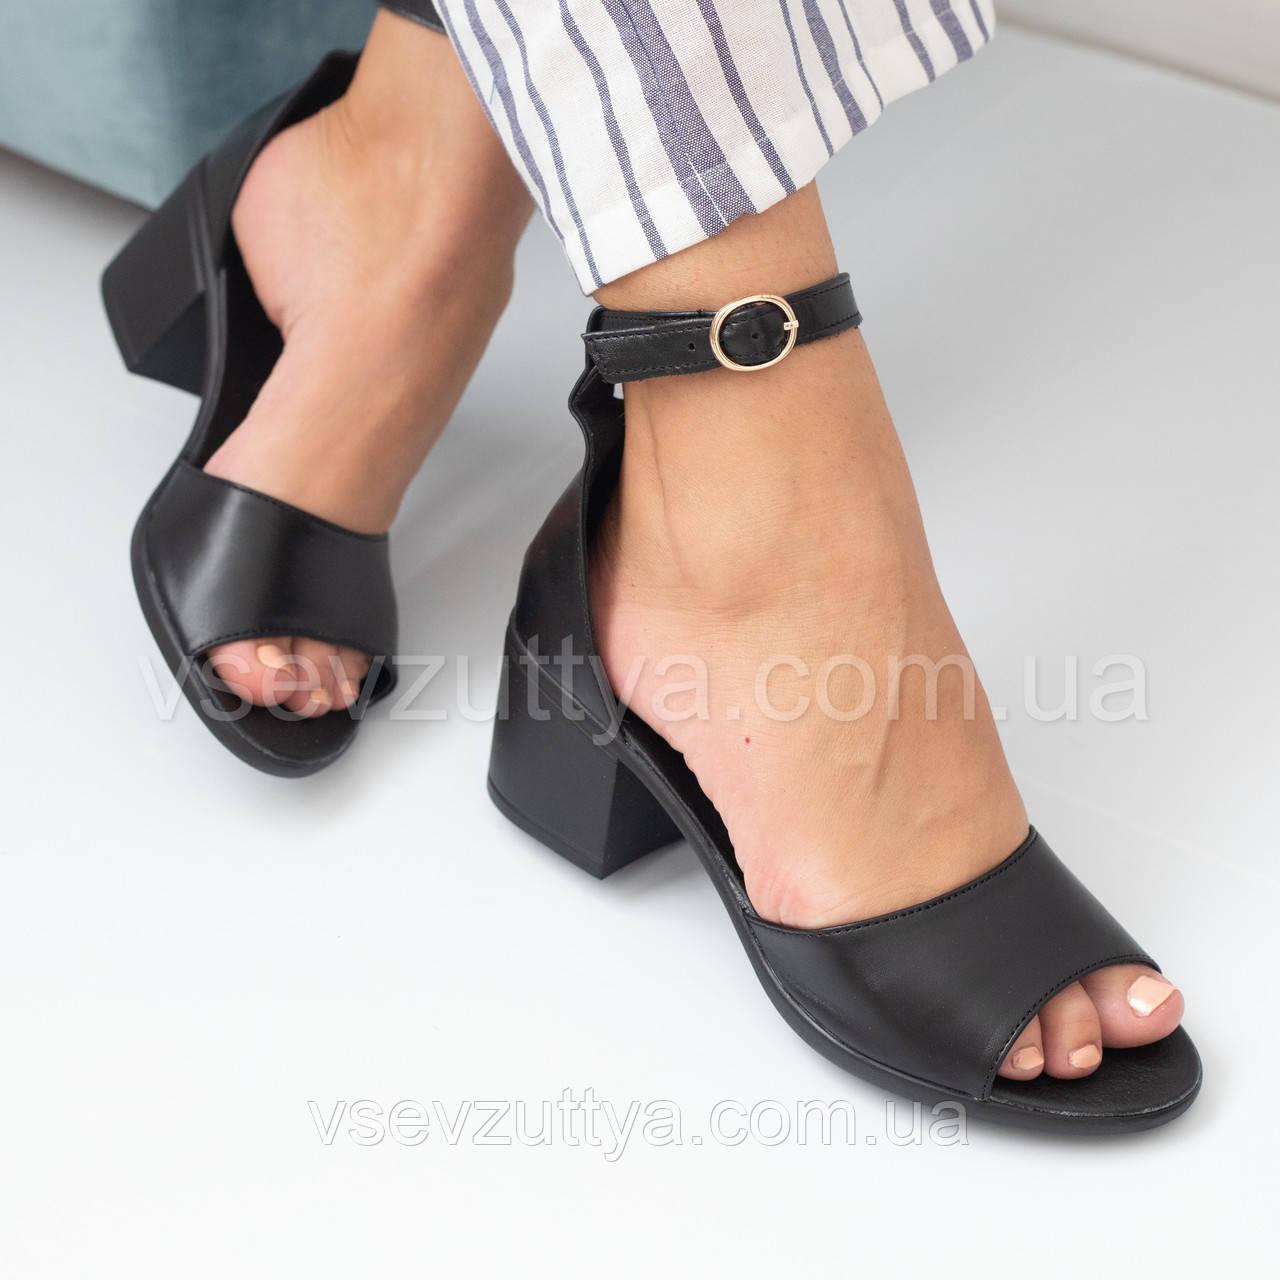 Босоніжки жіночі чорні шкіряні на каблуку